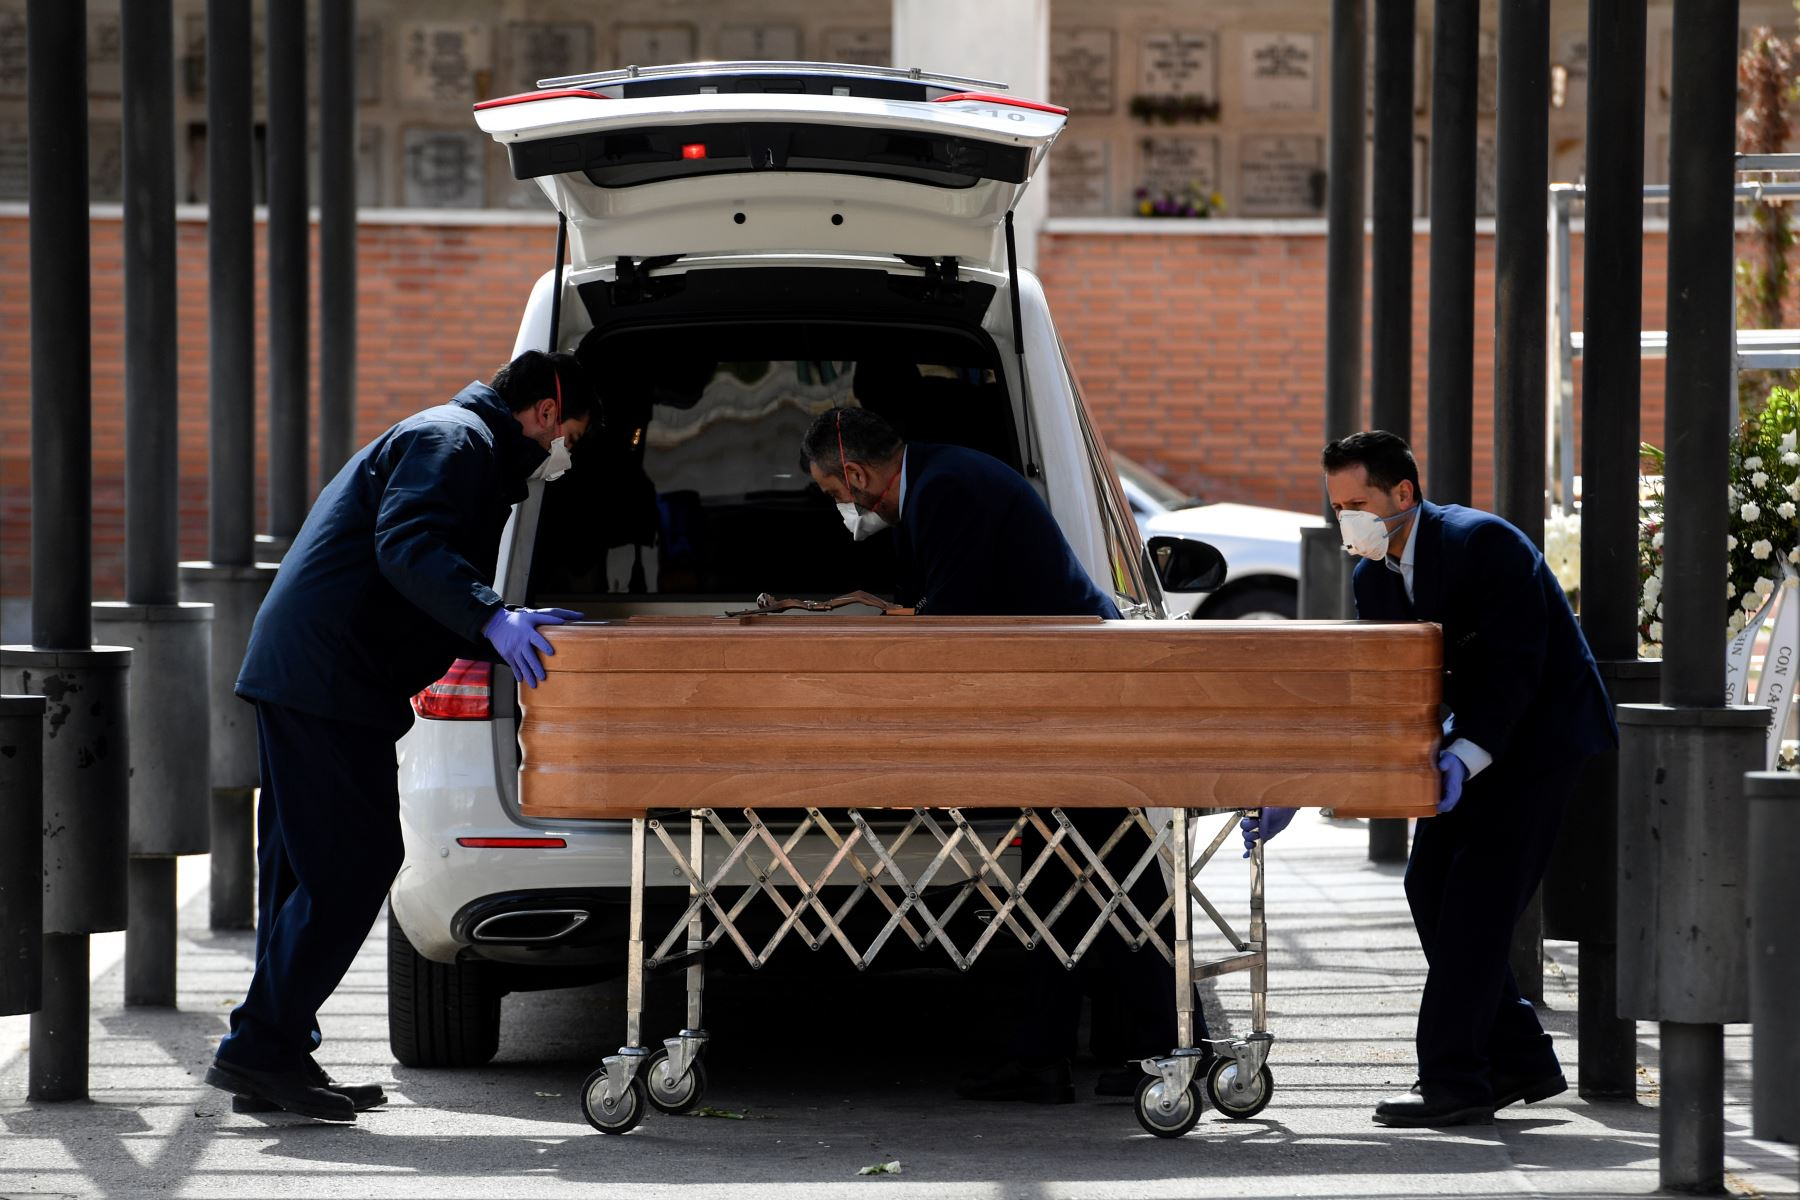 Los empleados de la funeraria con máscaras faciales llevan un ataúd al crematorio del cementerio de La Almudena en Madrid durante el funeral de una víctima del coronavirus COVID-19. España ha sido uno de los países más afectados, registrando el tercer mayor número de muertes con las últimas cifras que muestran un total de 2,696. Foto: AFP